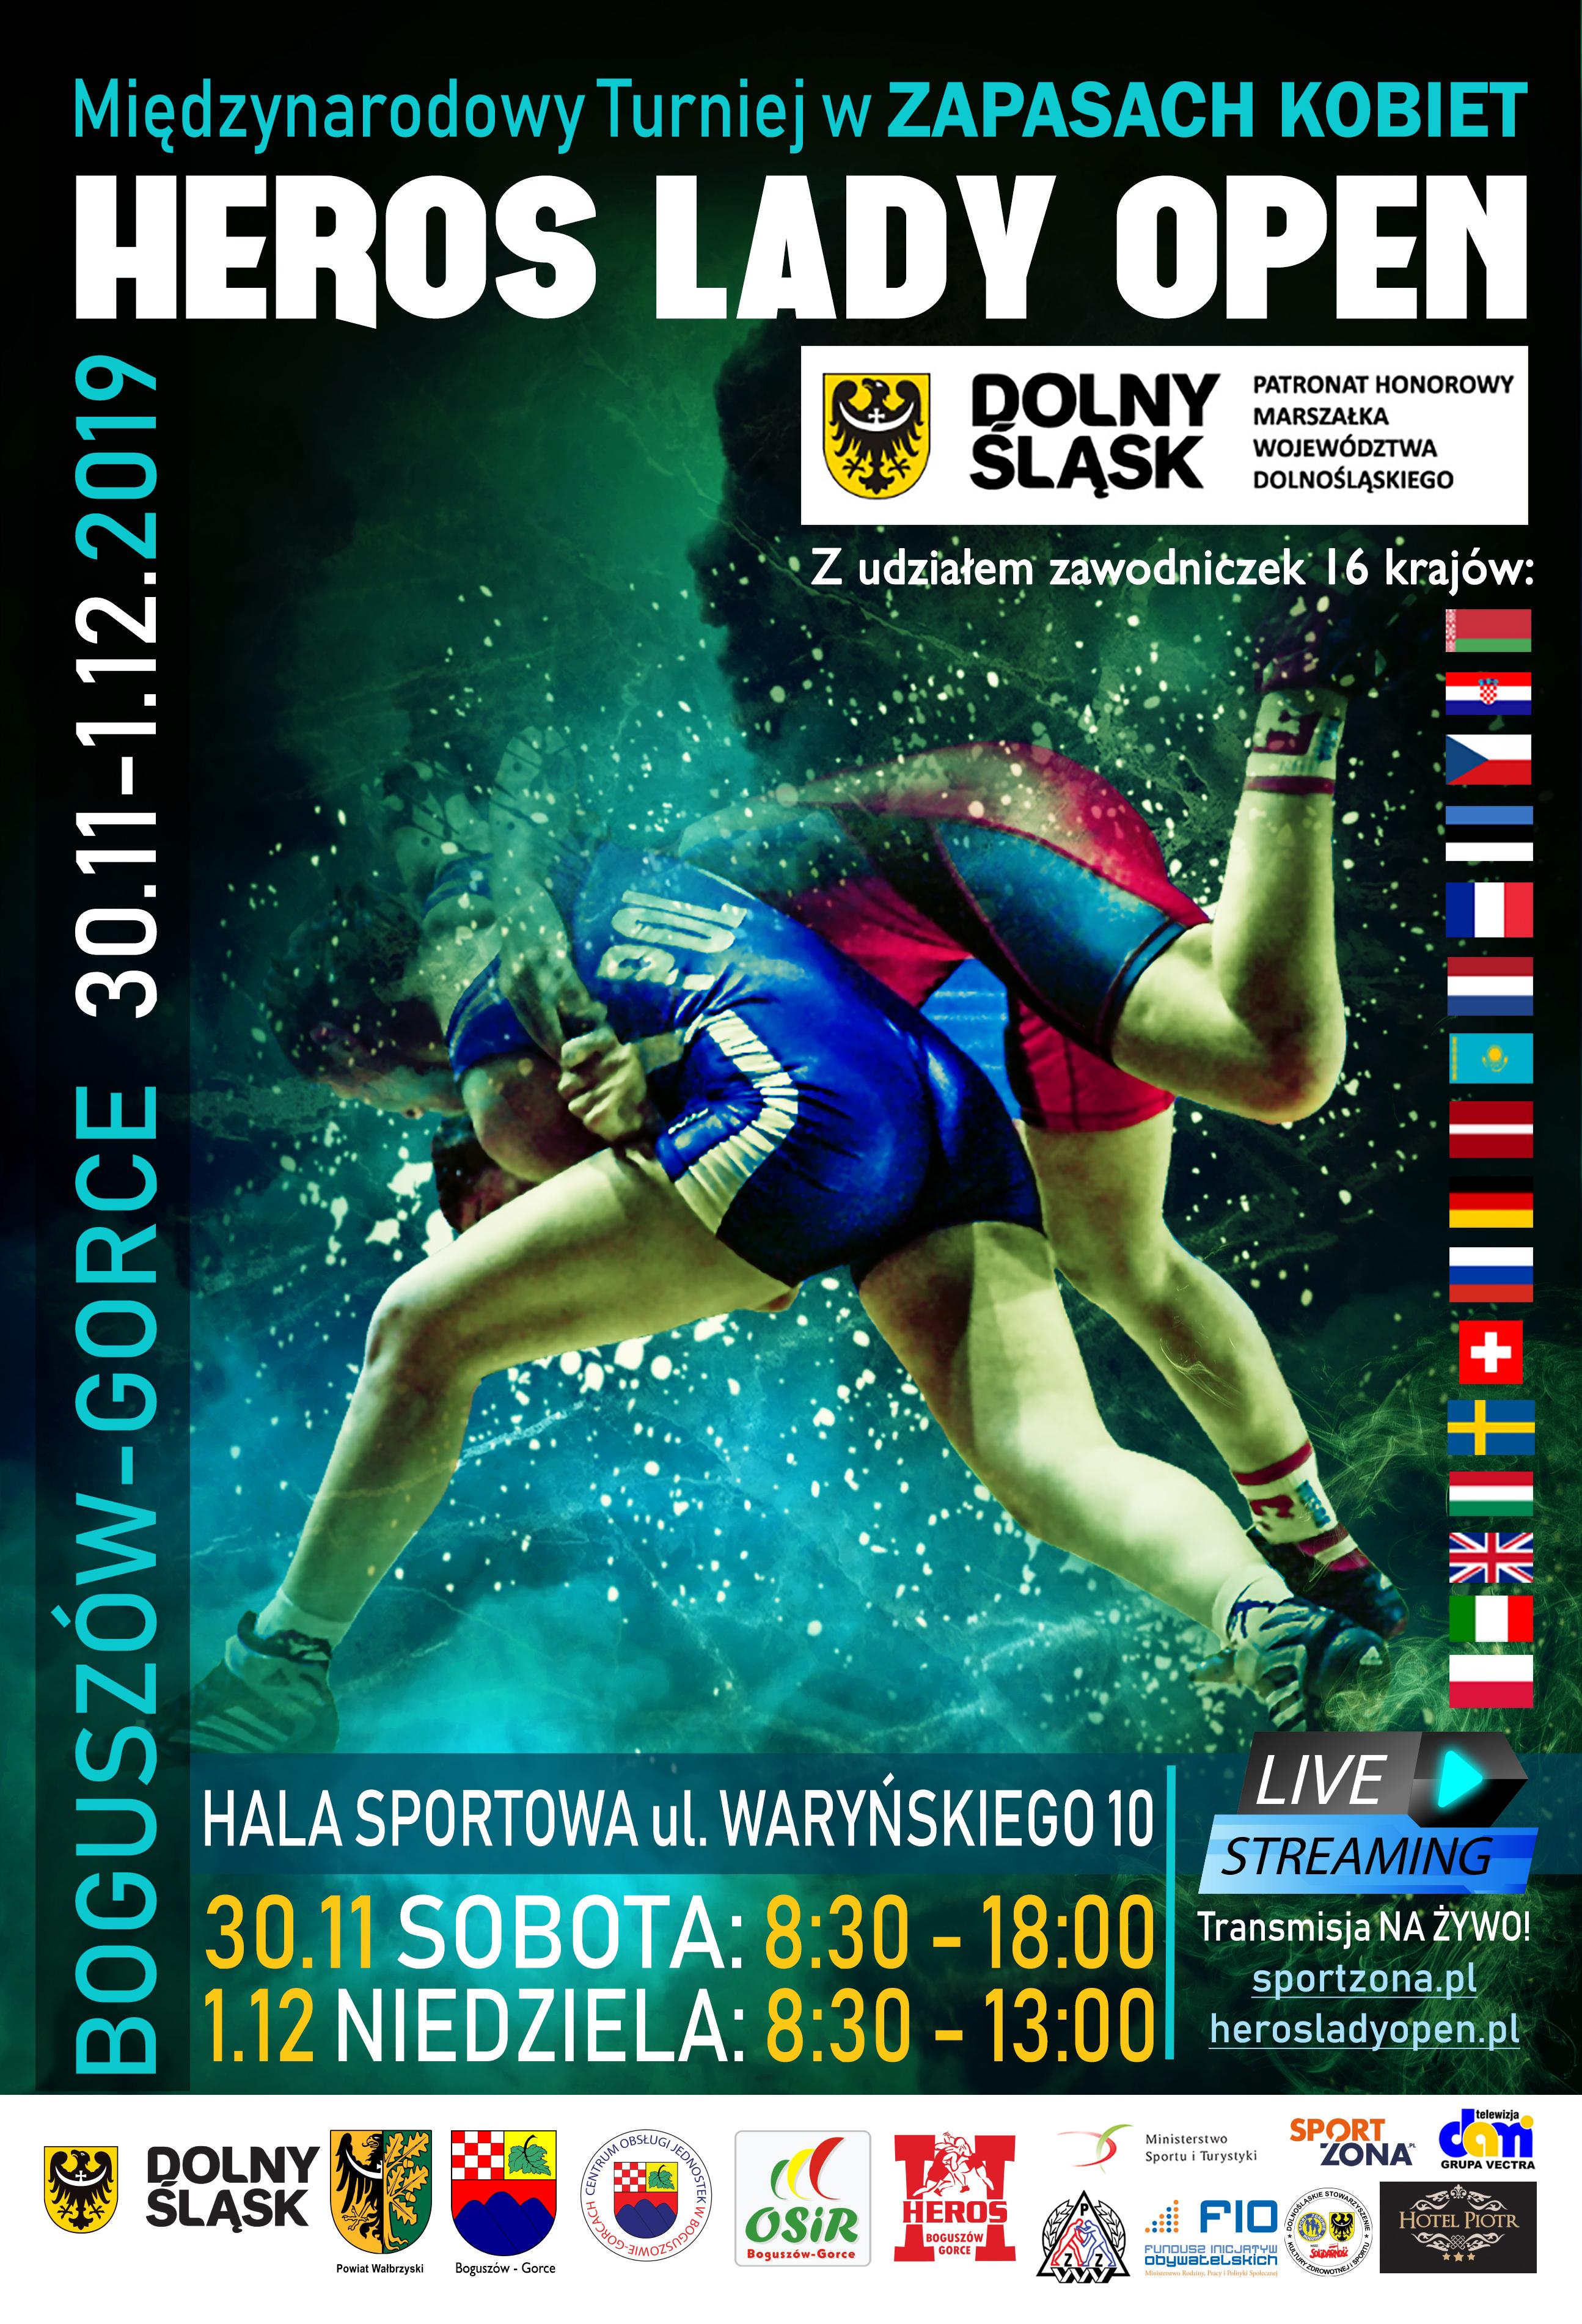 Międzynarodowy Turniej w ZAPASACH KOBIET